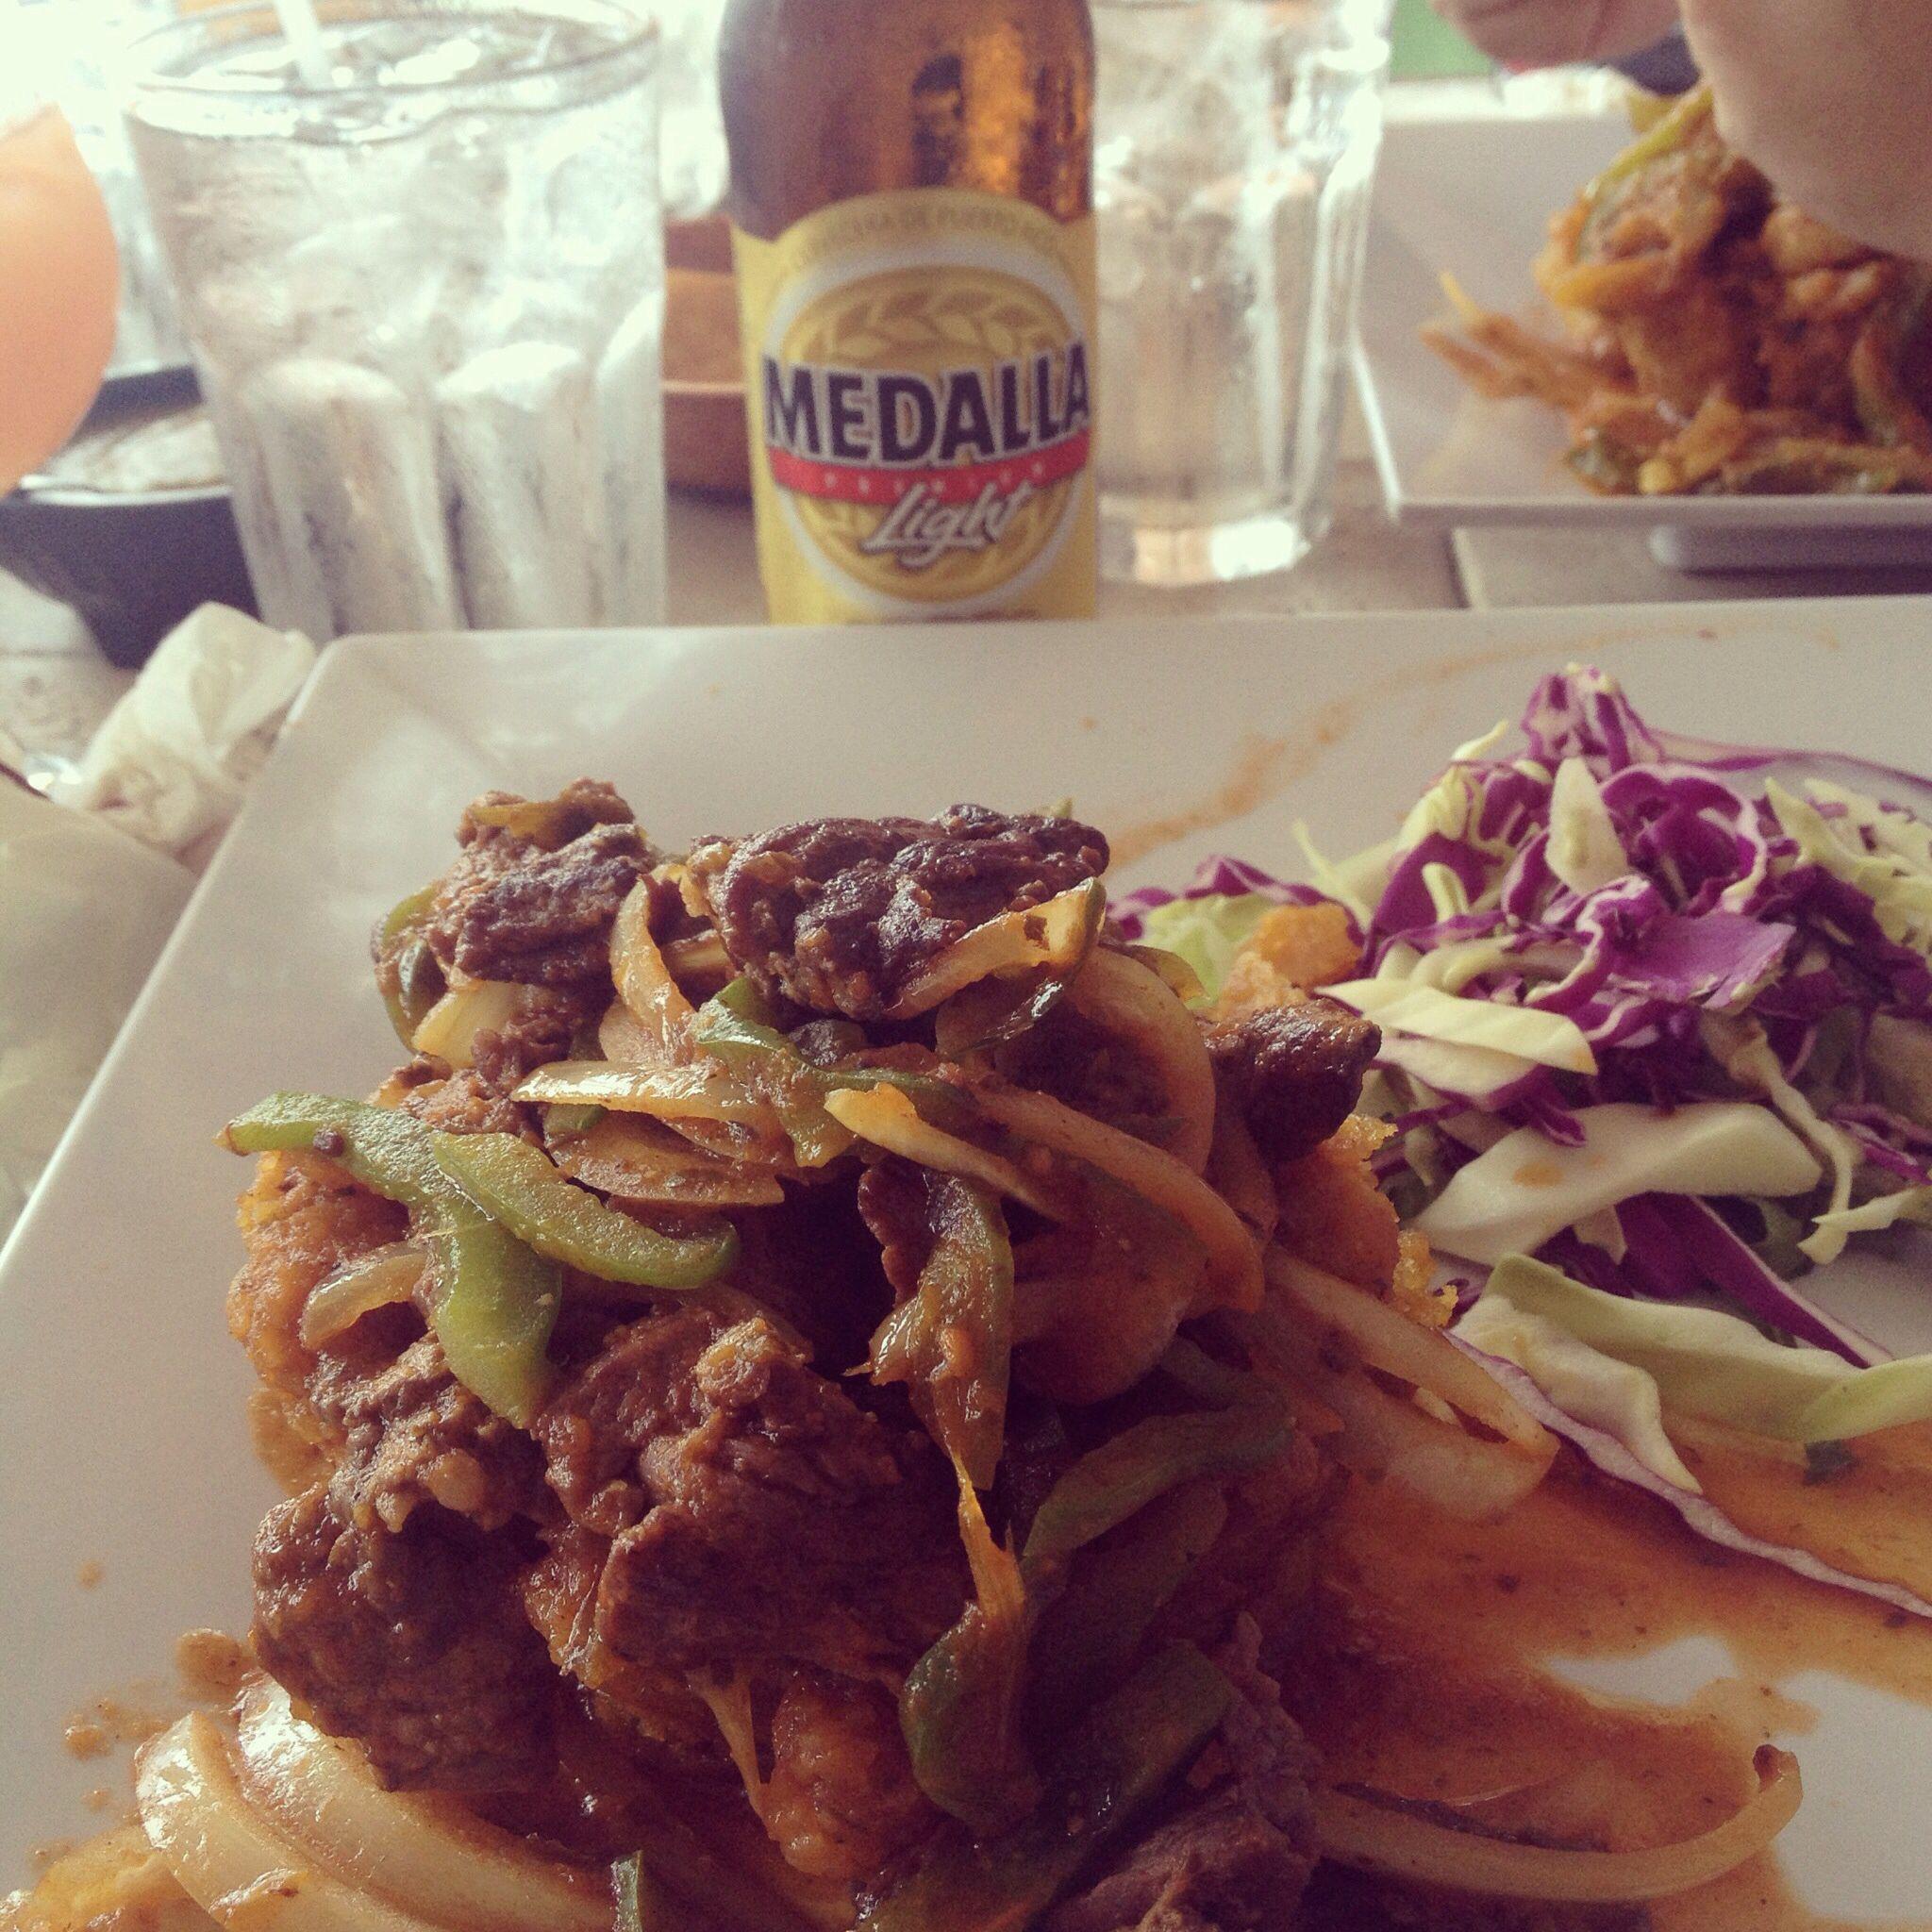 #Mofongo #PuertoRico #comidaDeliciosa #delicious